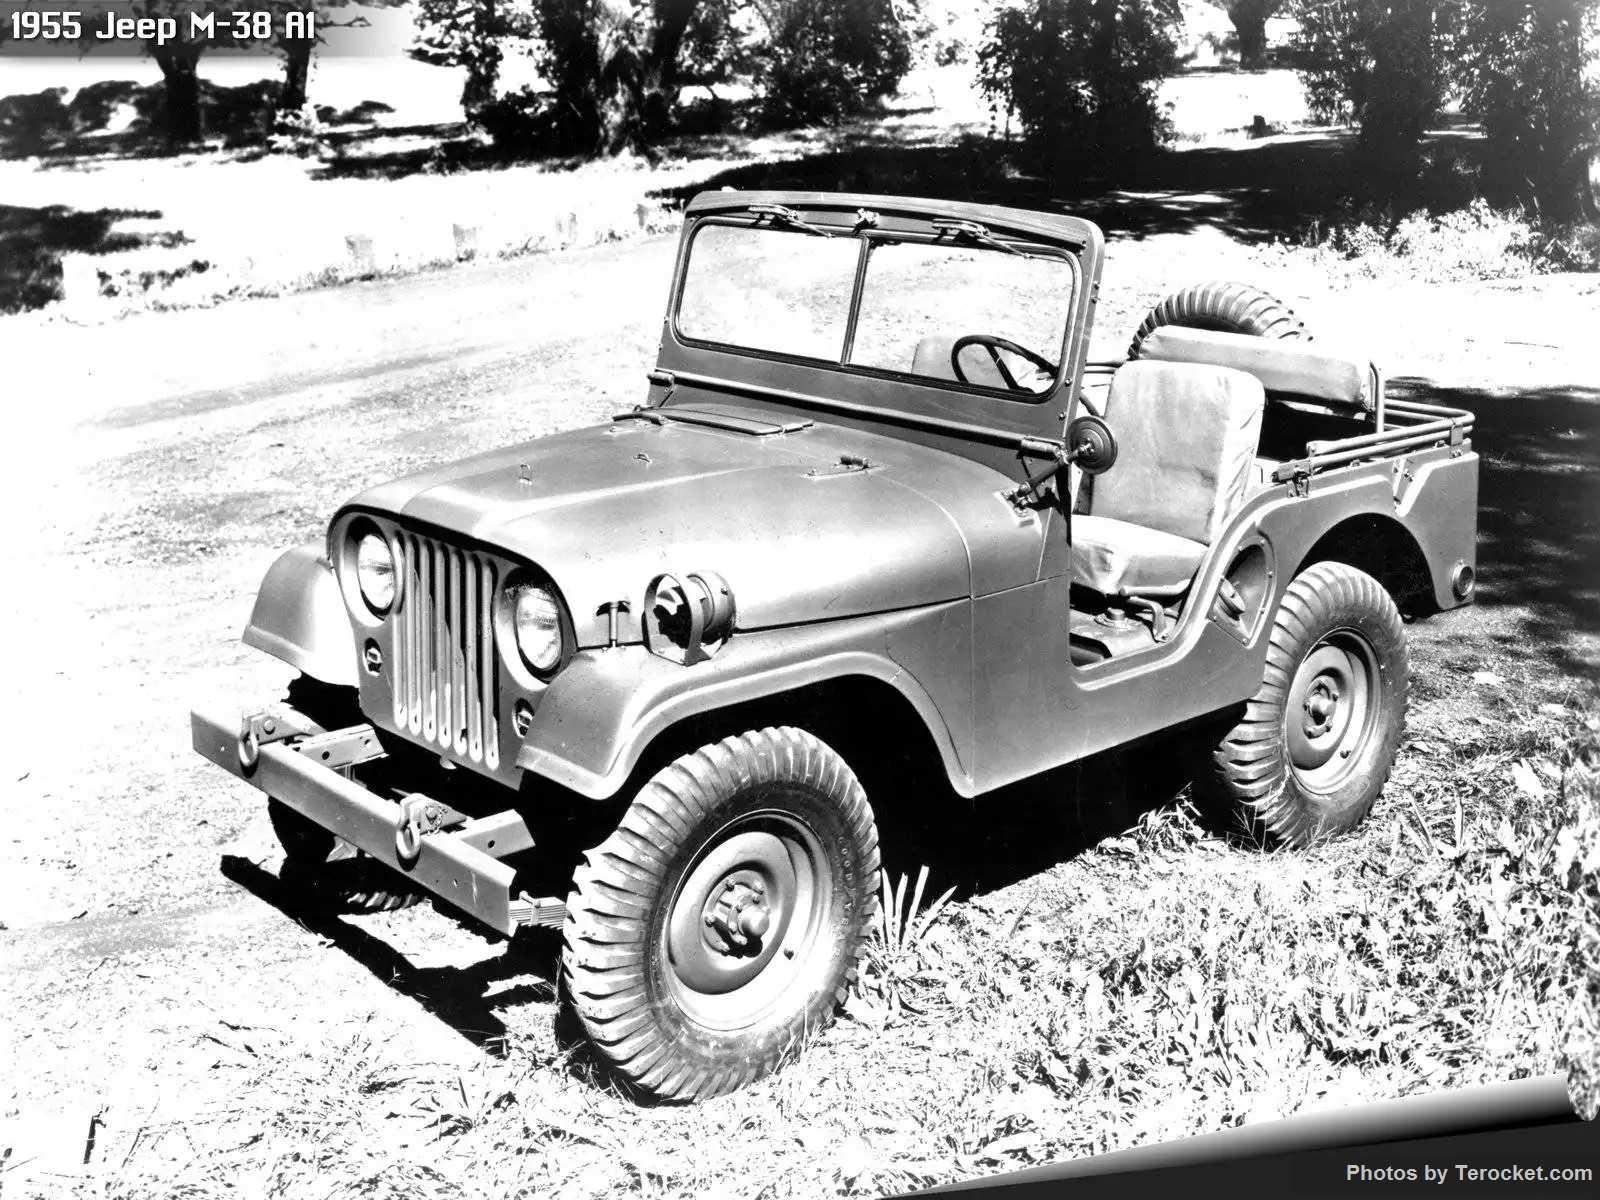 Hình ảnh xe ô tô Jeep M-38 A1 1955 & nội ngoại thất